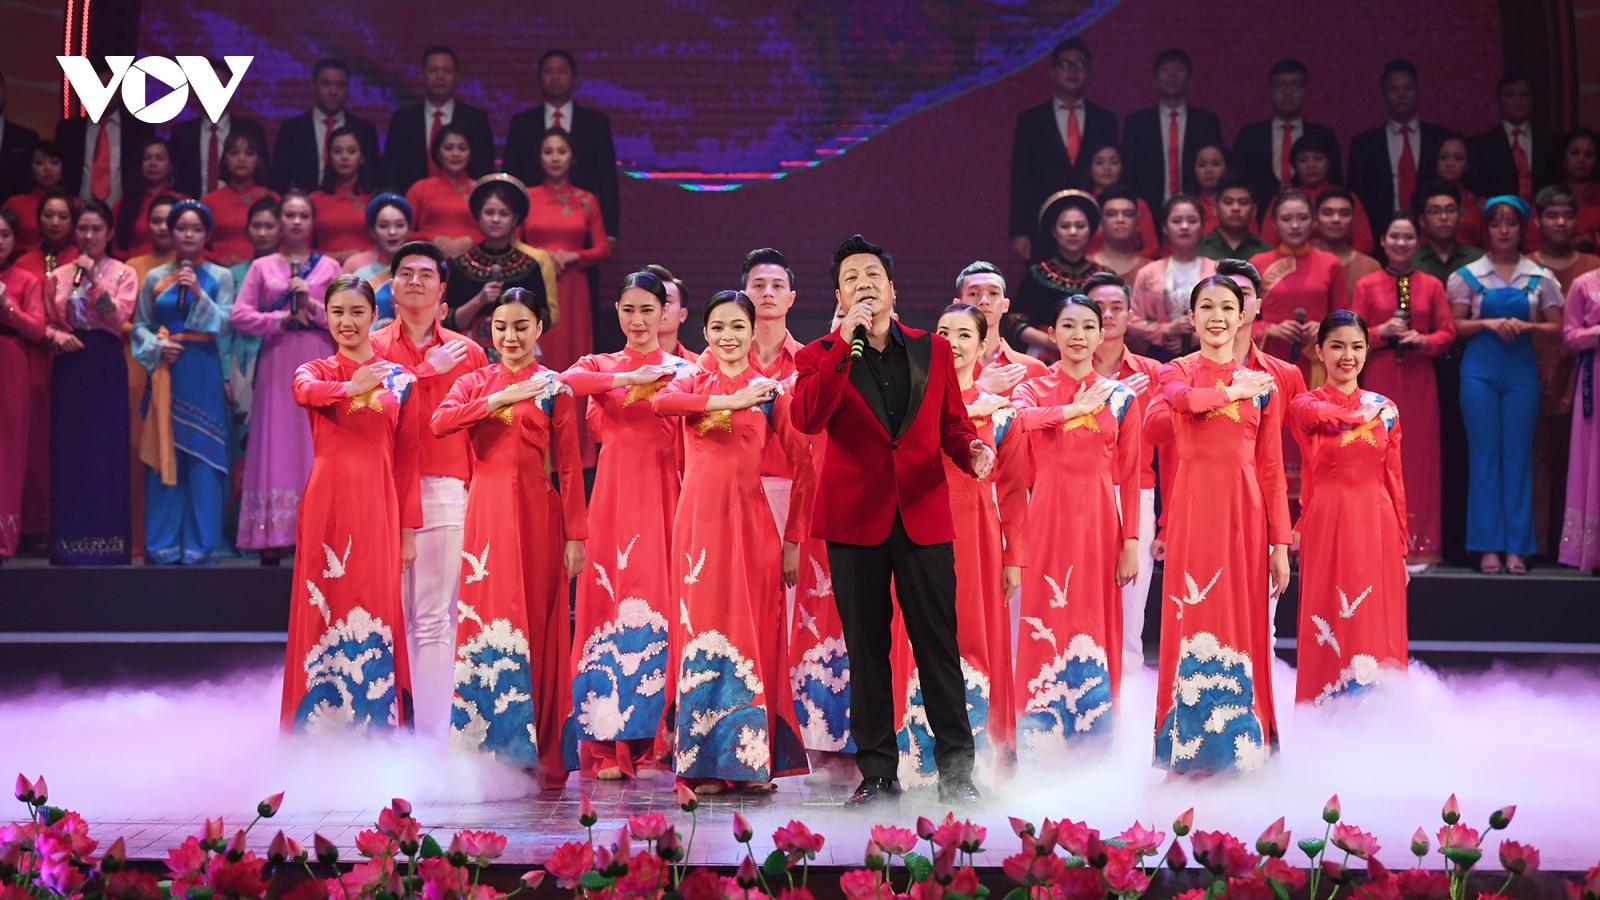 Gần 1.000 nghệ sĩ tham gia chương trình nghệ thuật chào mừng Đại hội XIII của Đảng